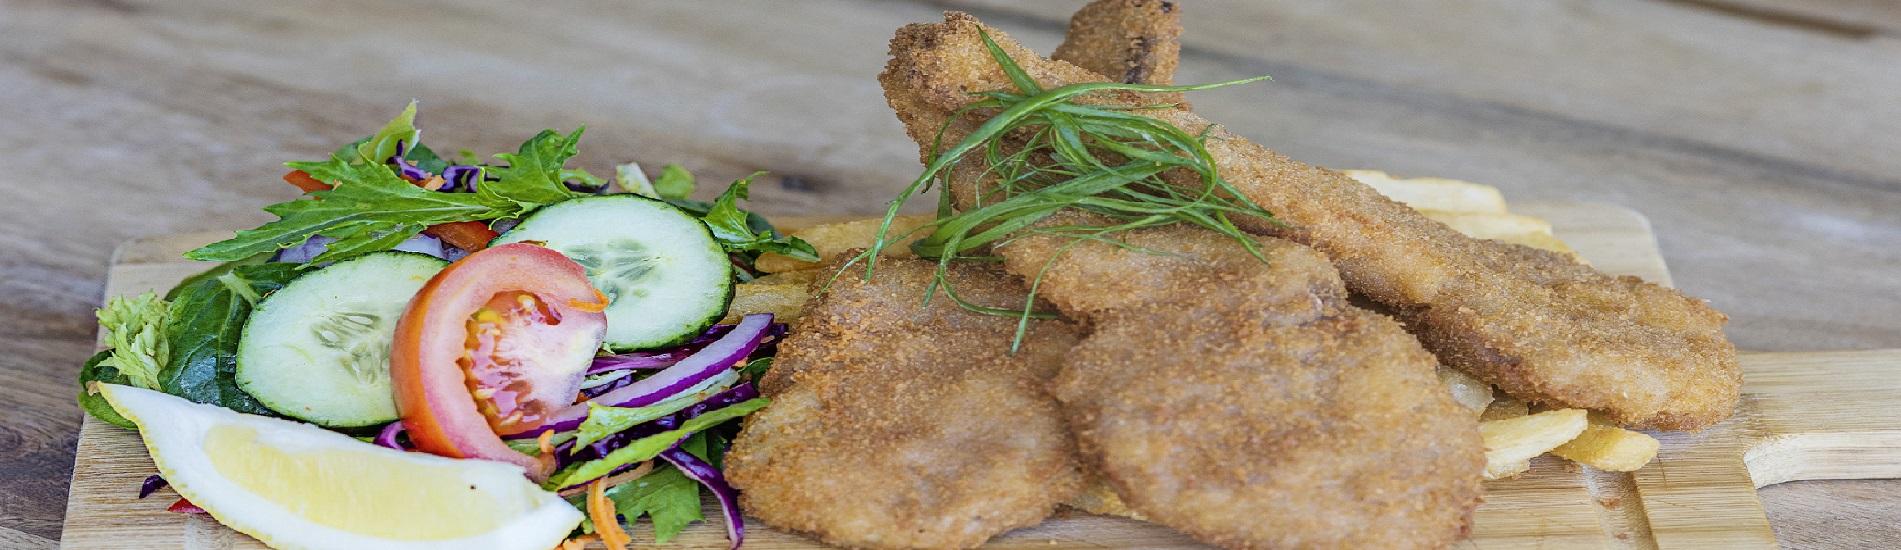 Permalink to: Tomakin Club Restaurants near Batemans Bay